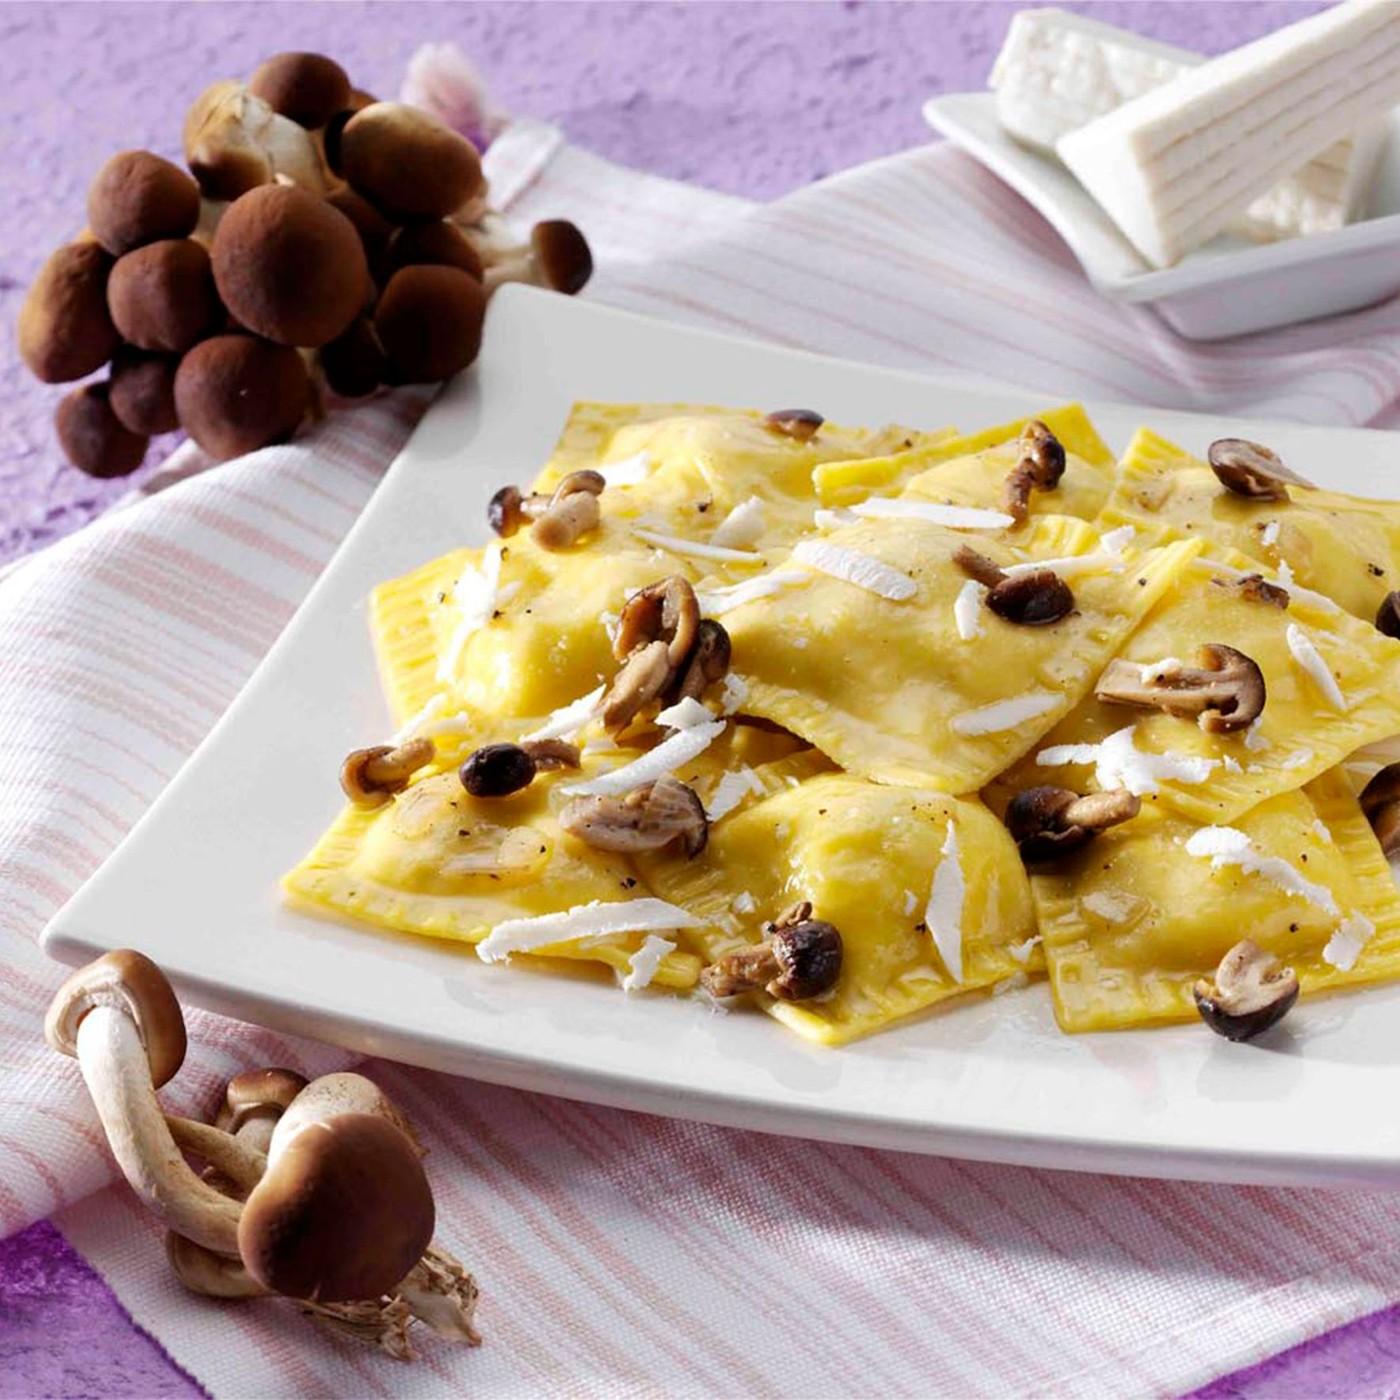 receta de Quadrelli con estofado de chianina y setas de cardo